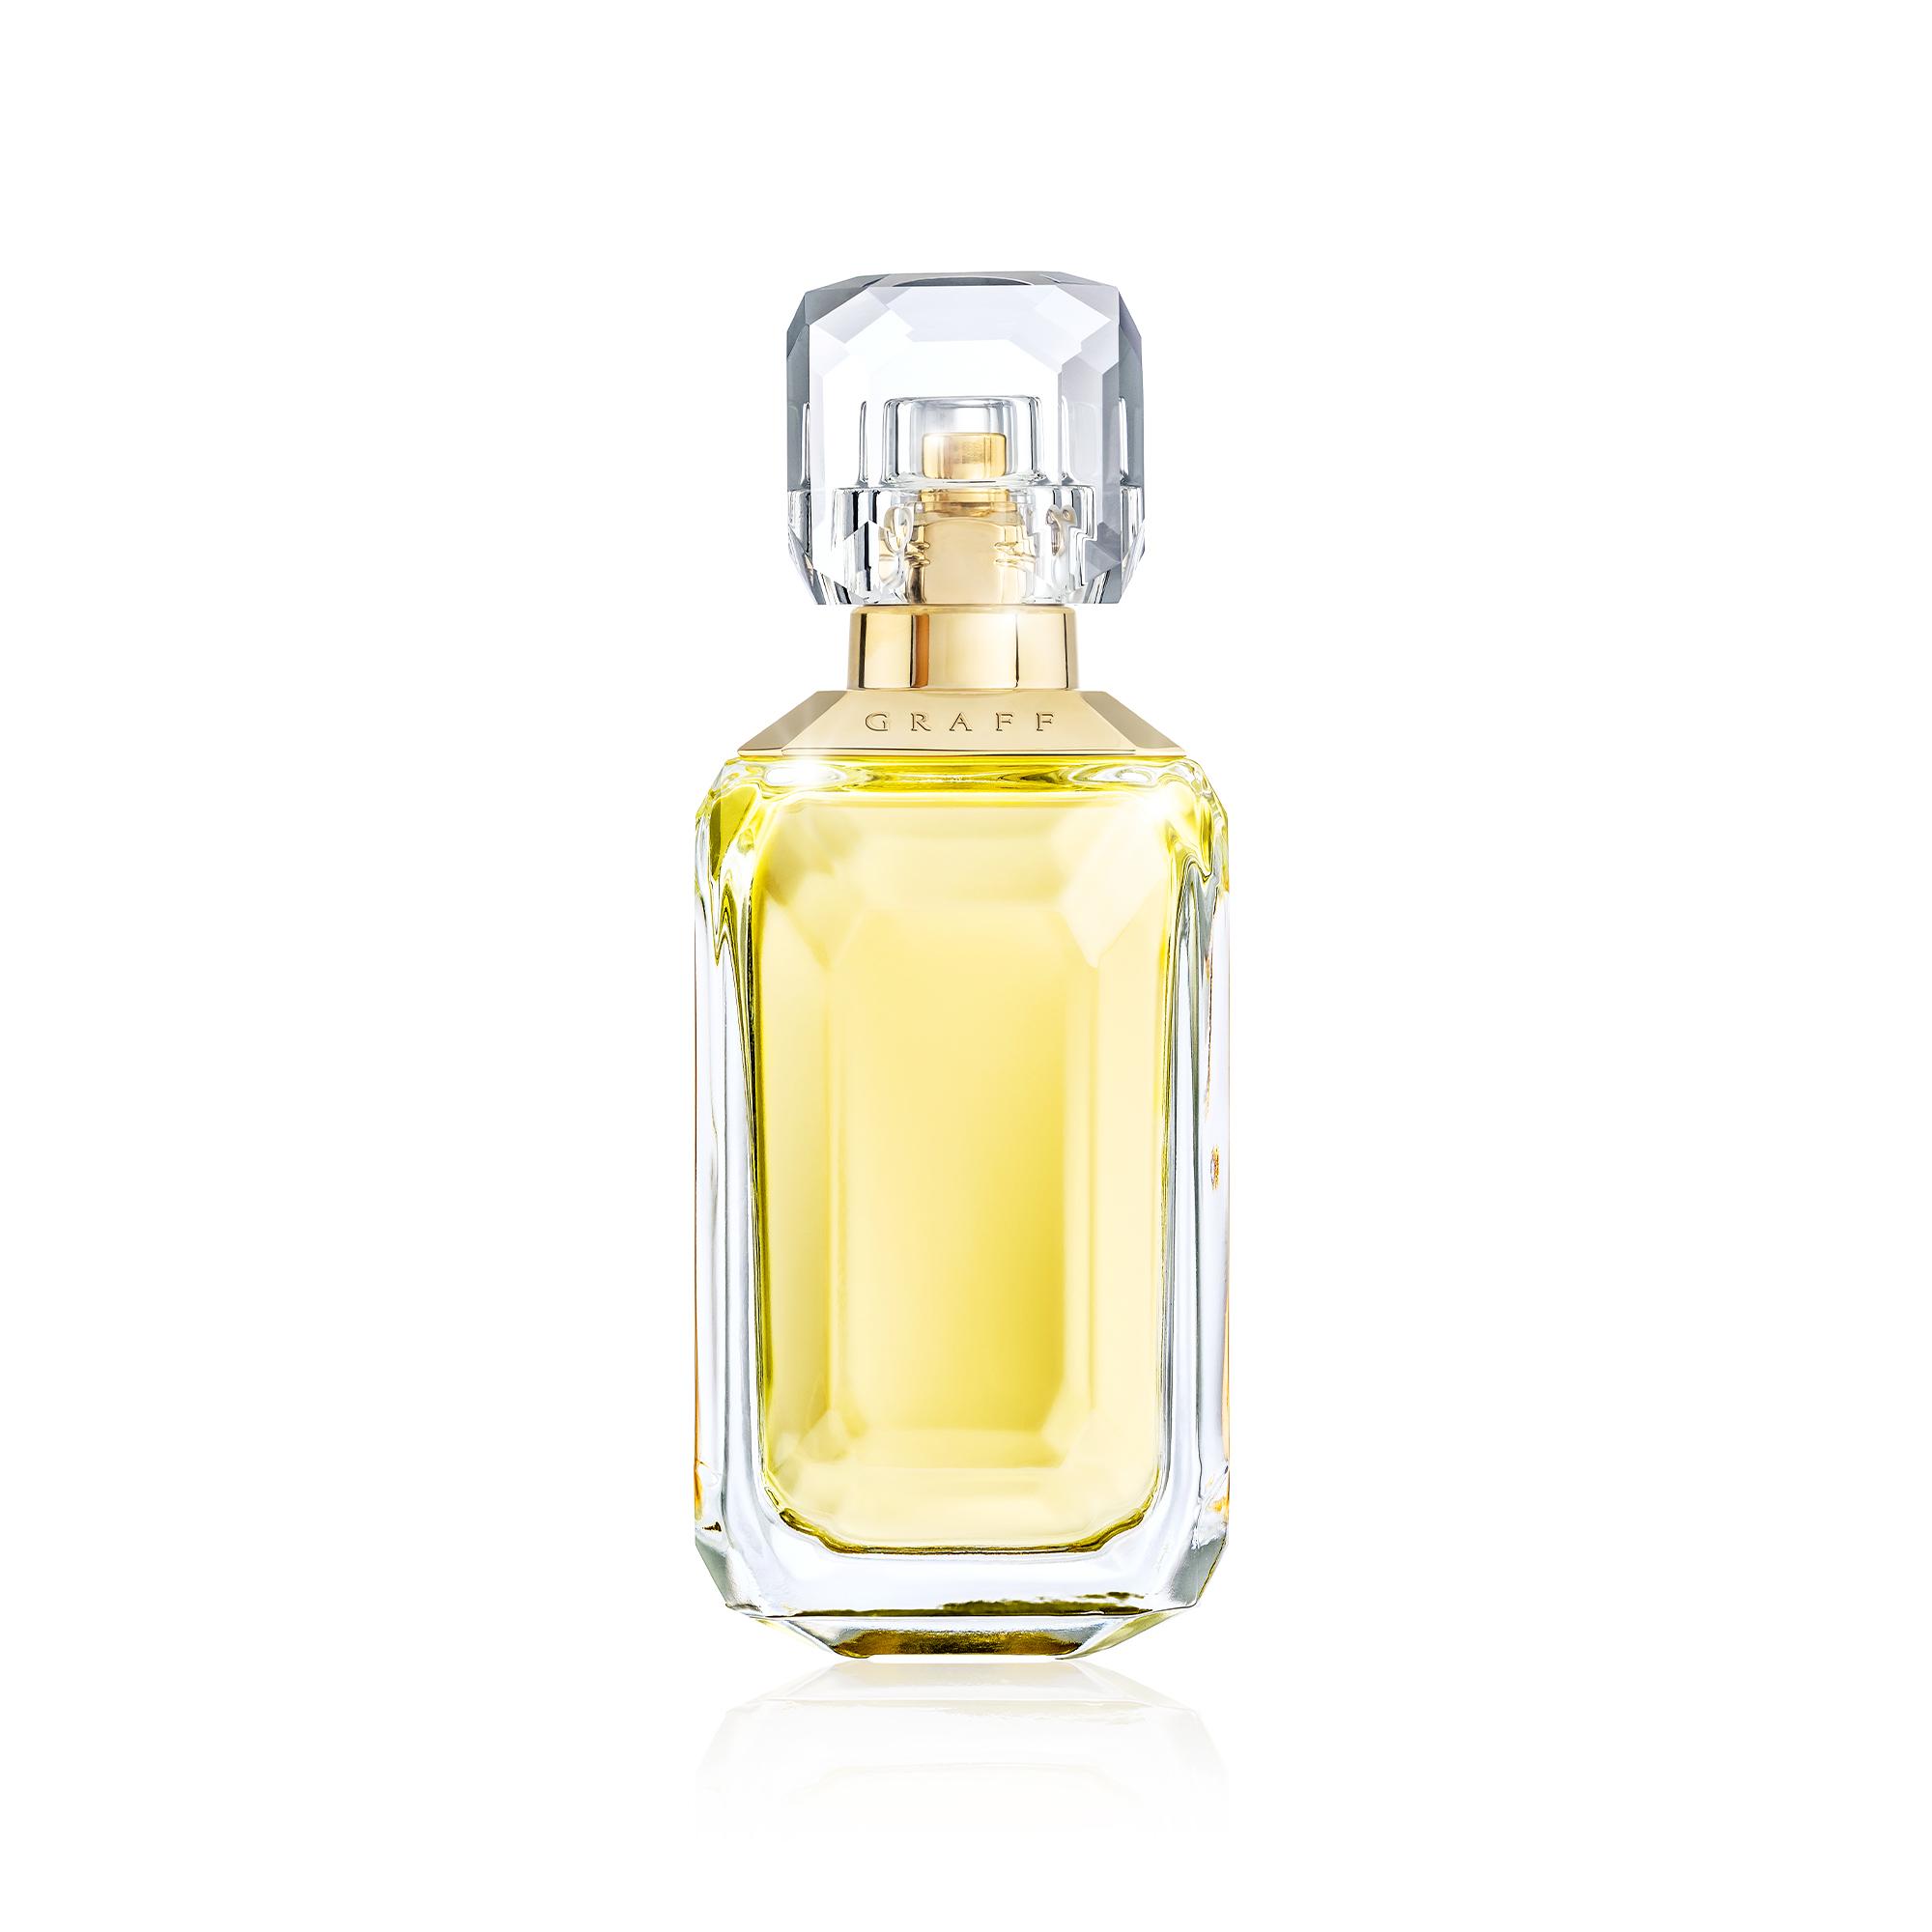 The-GRAFF-Fragrance-Collection-Lesedi-La-Rona-II